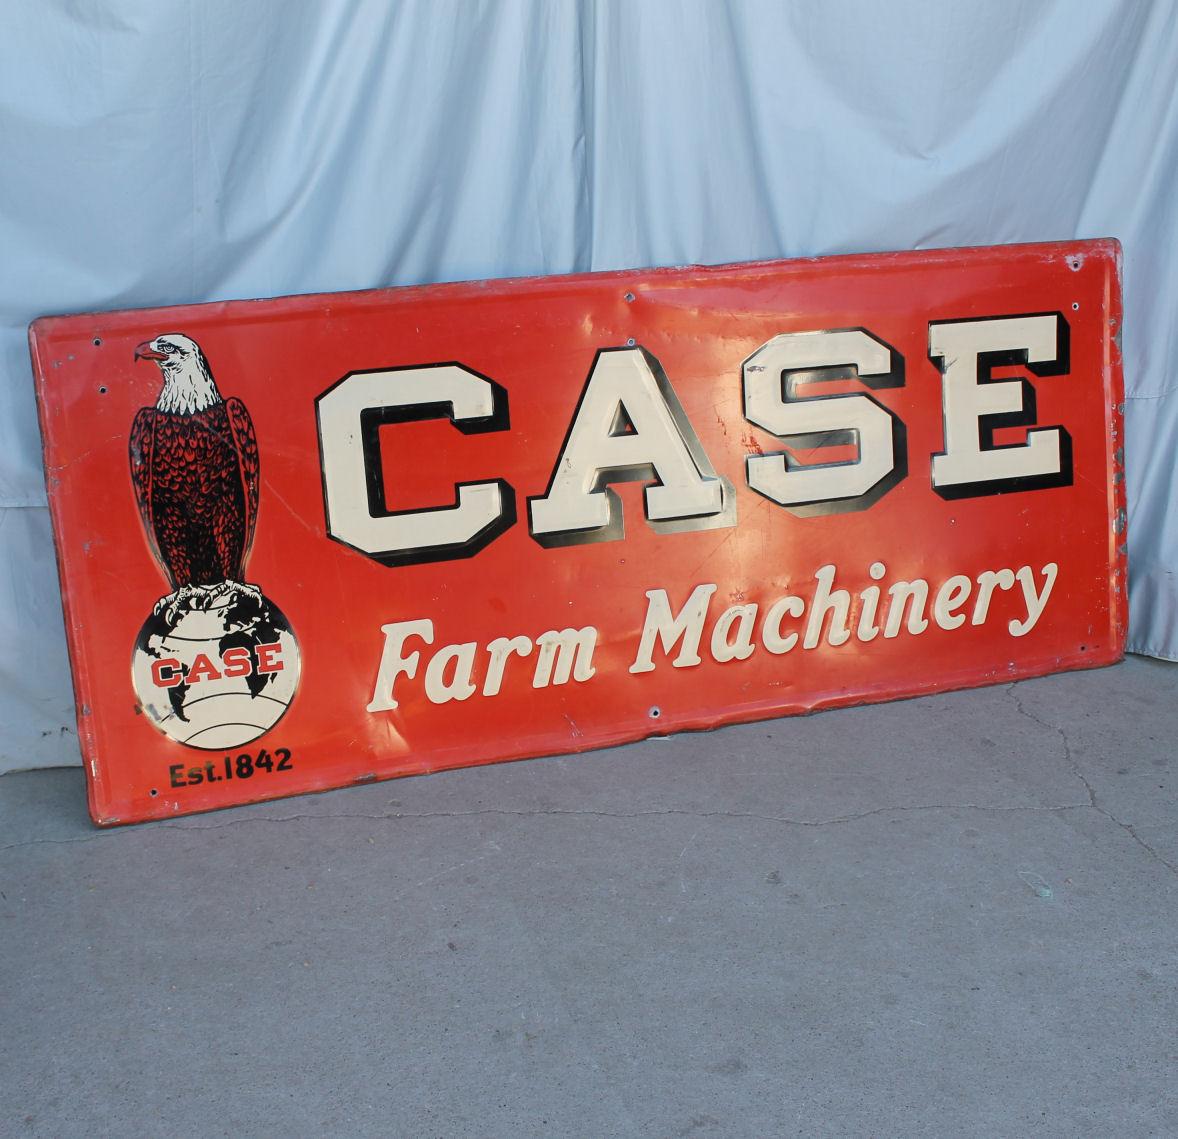 Bargain John S Antiques Large Antique Case Implement